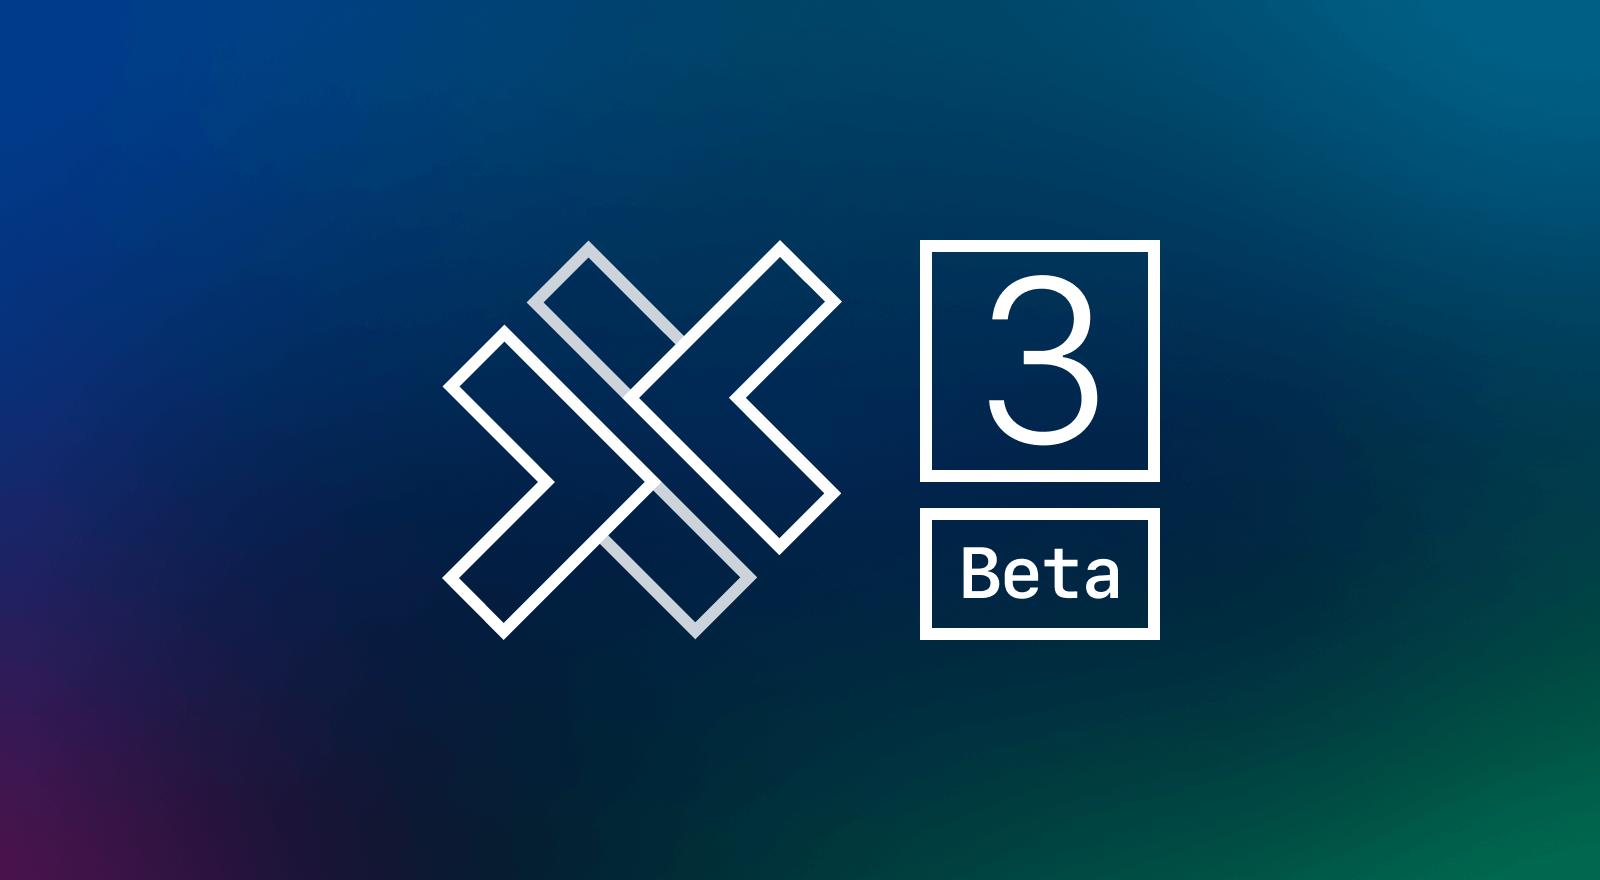 Capacitor 3.0 Beta